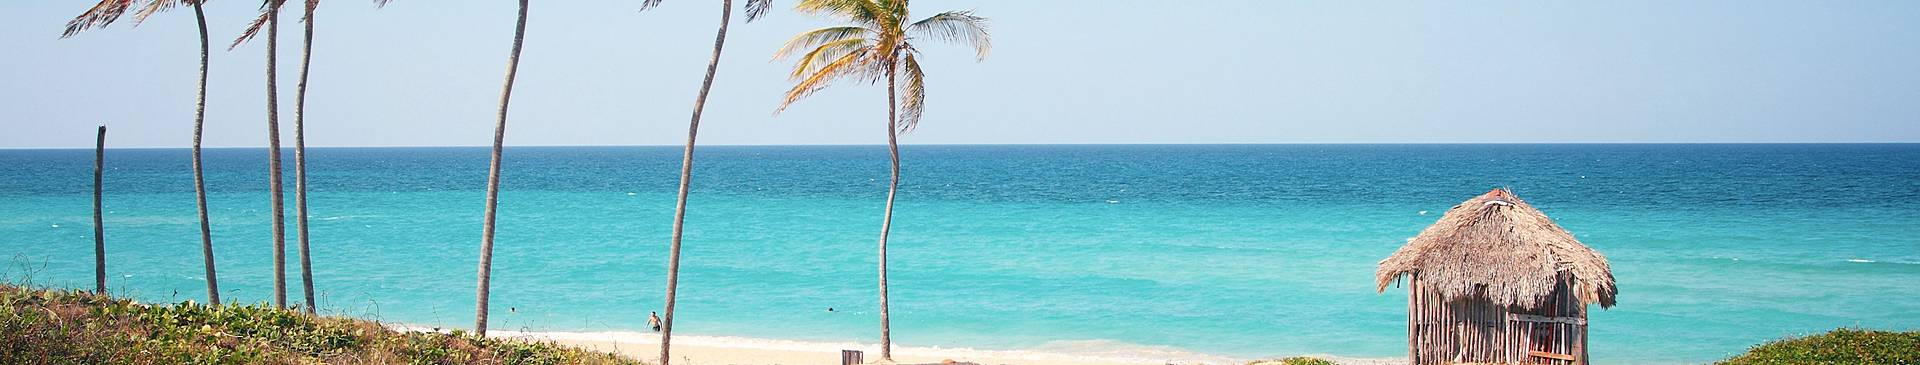 Voyage plage à Cuba